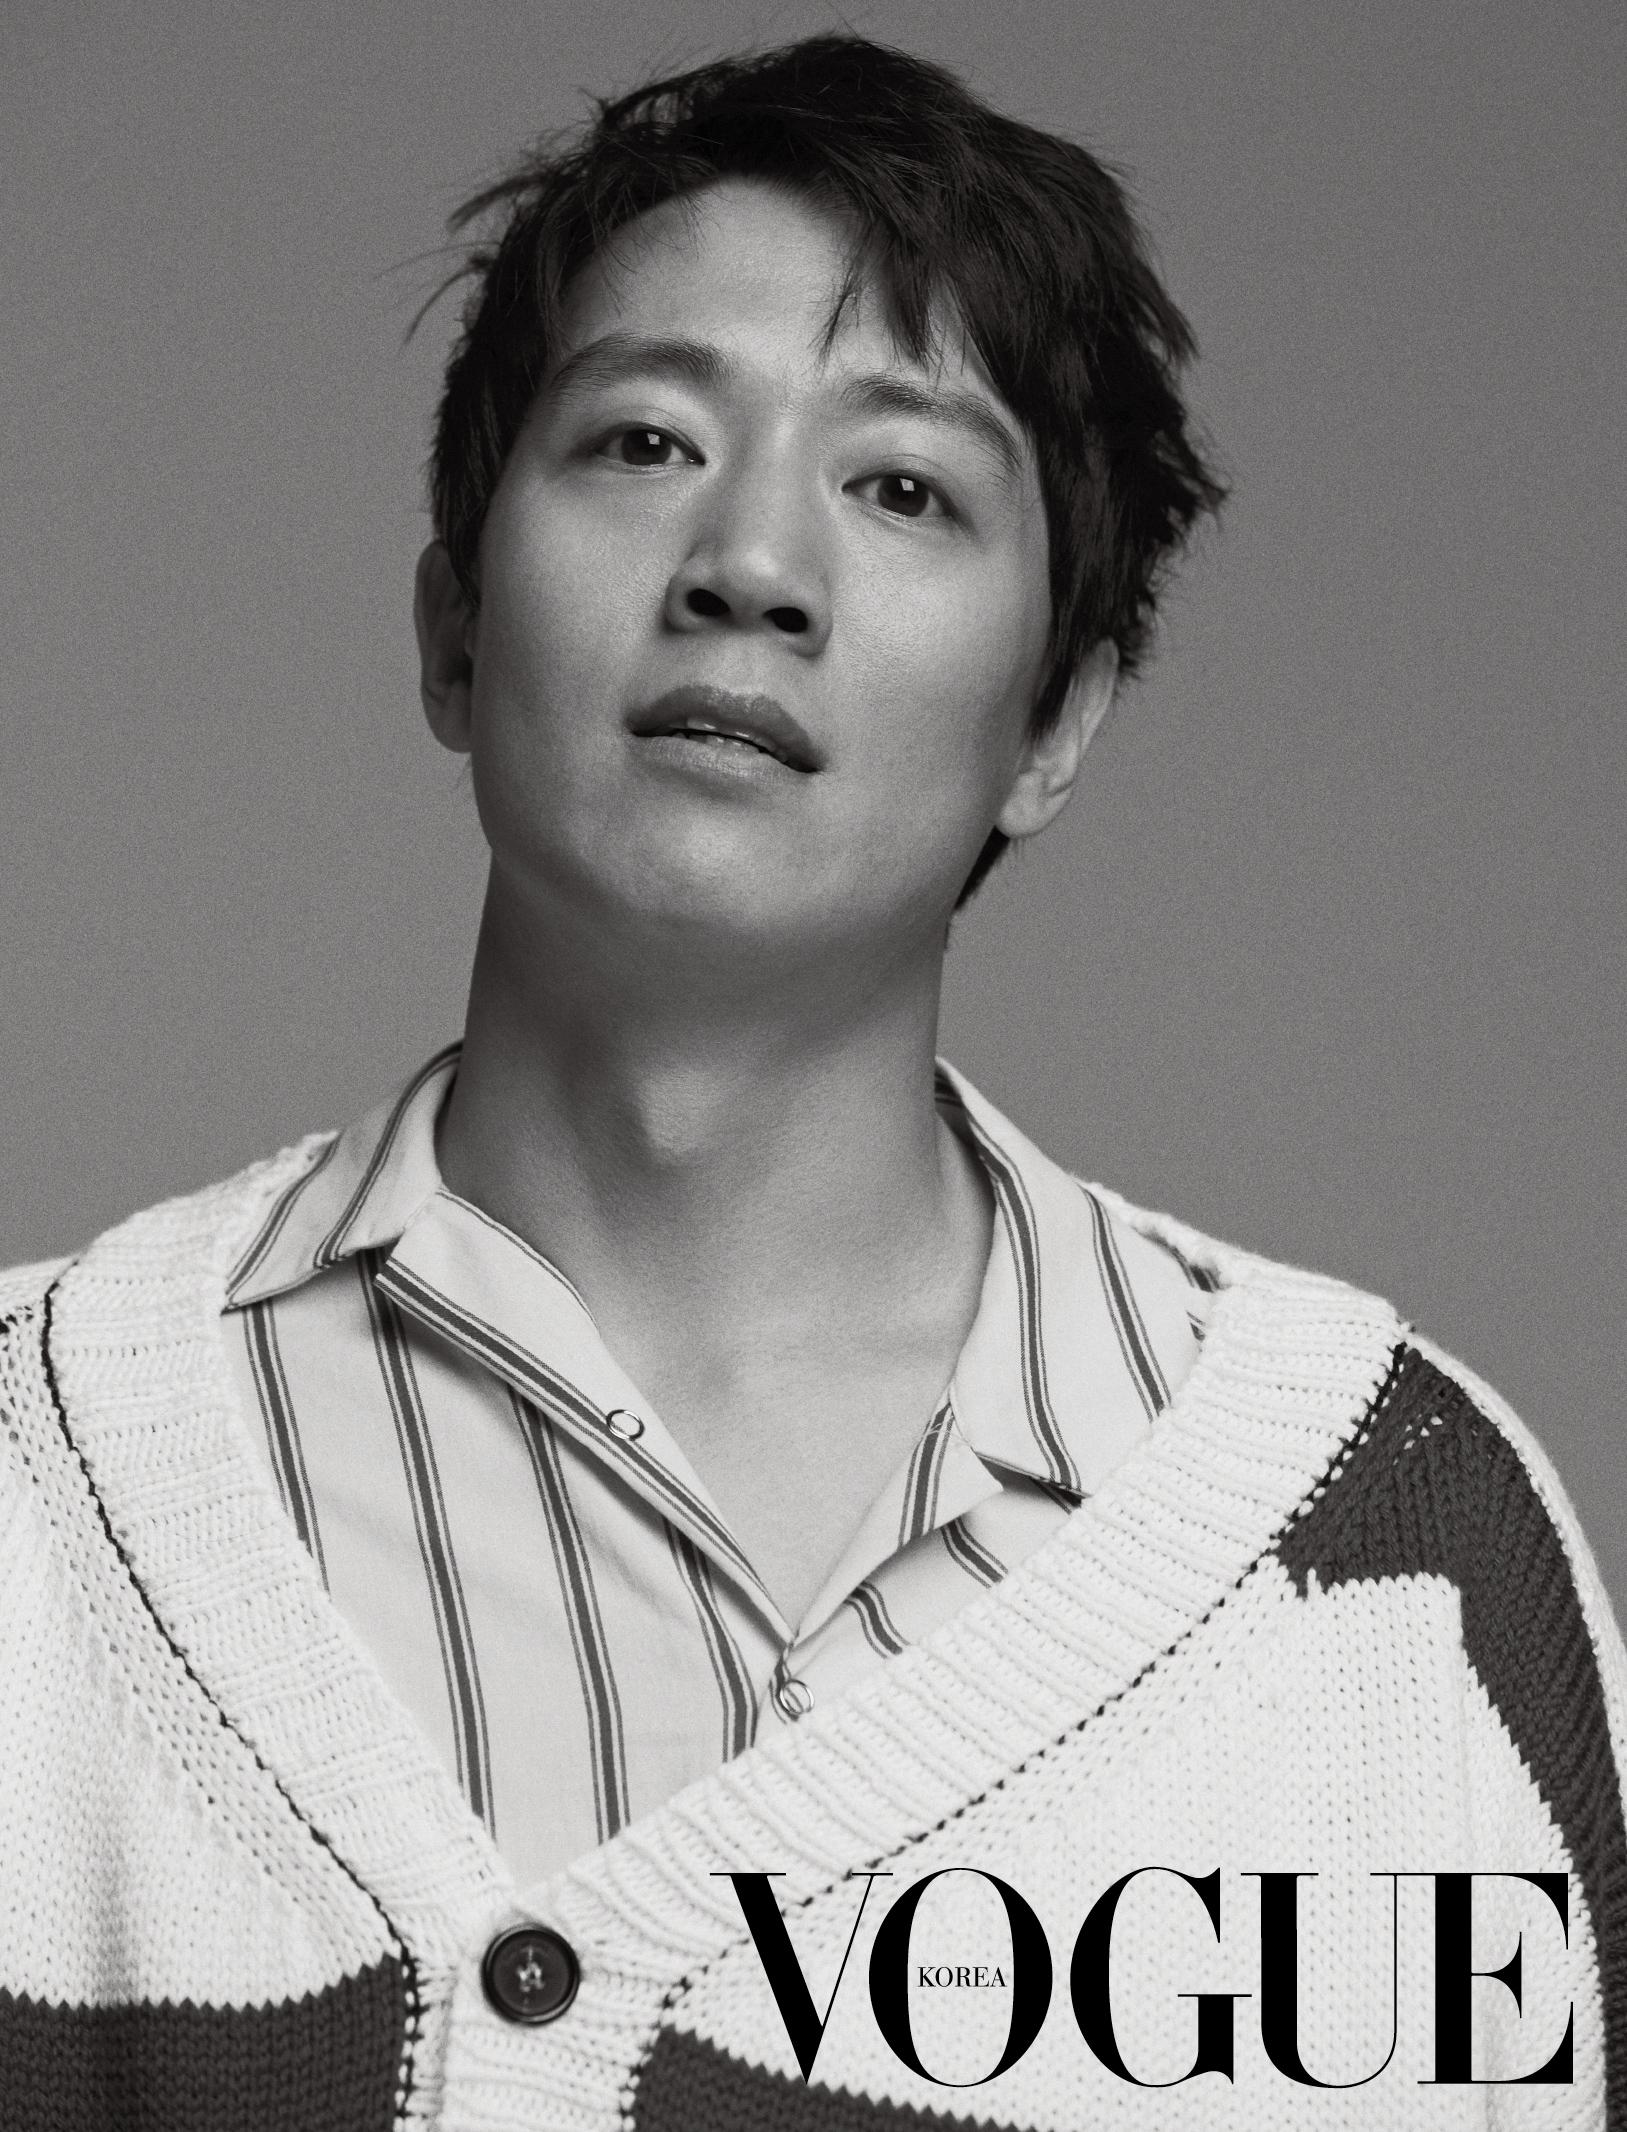 <희생부활자> '연기 장인' 뒤에 숨겨진 인간 김래원의 보그 화보 공개!